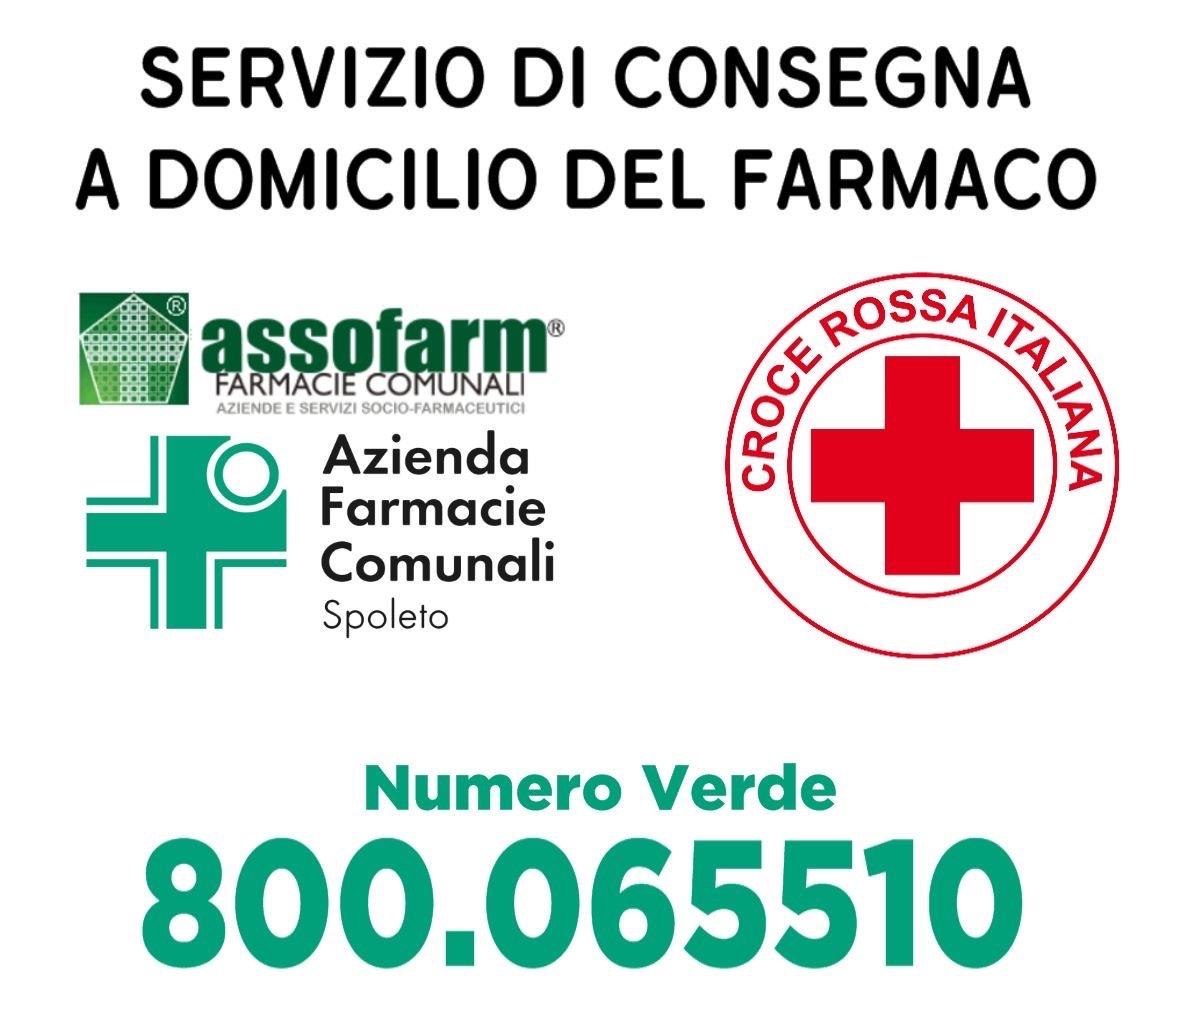 Consegna di farmaci a domicilio con Assofarm